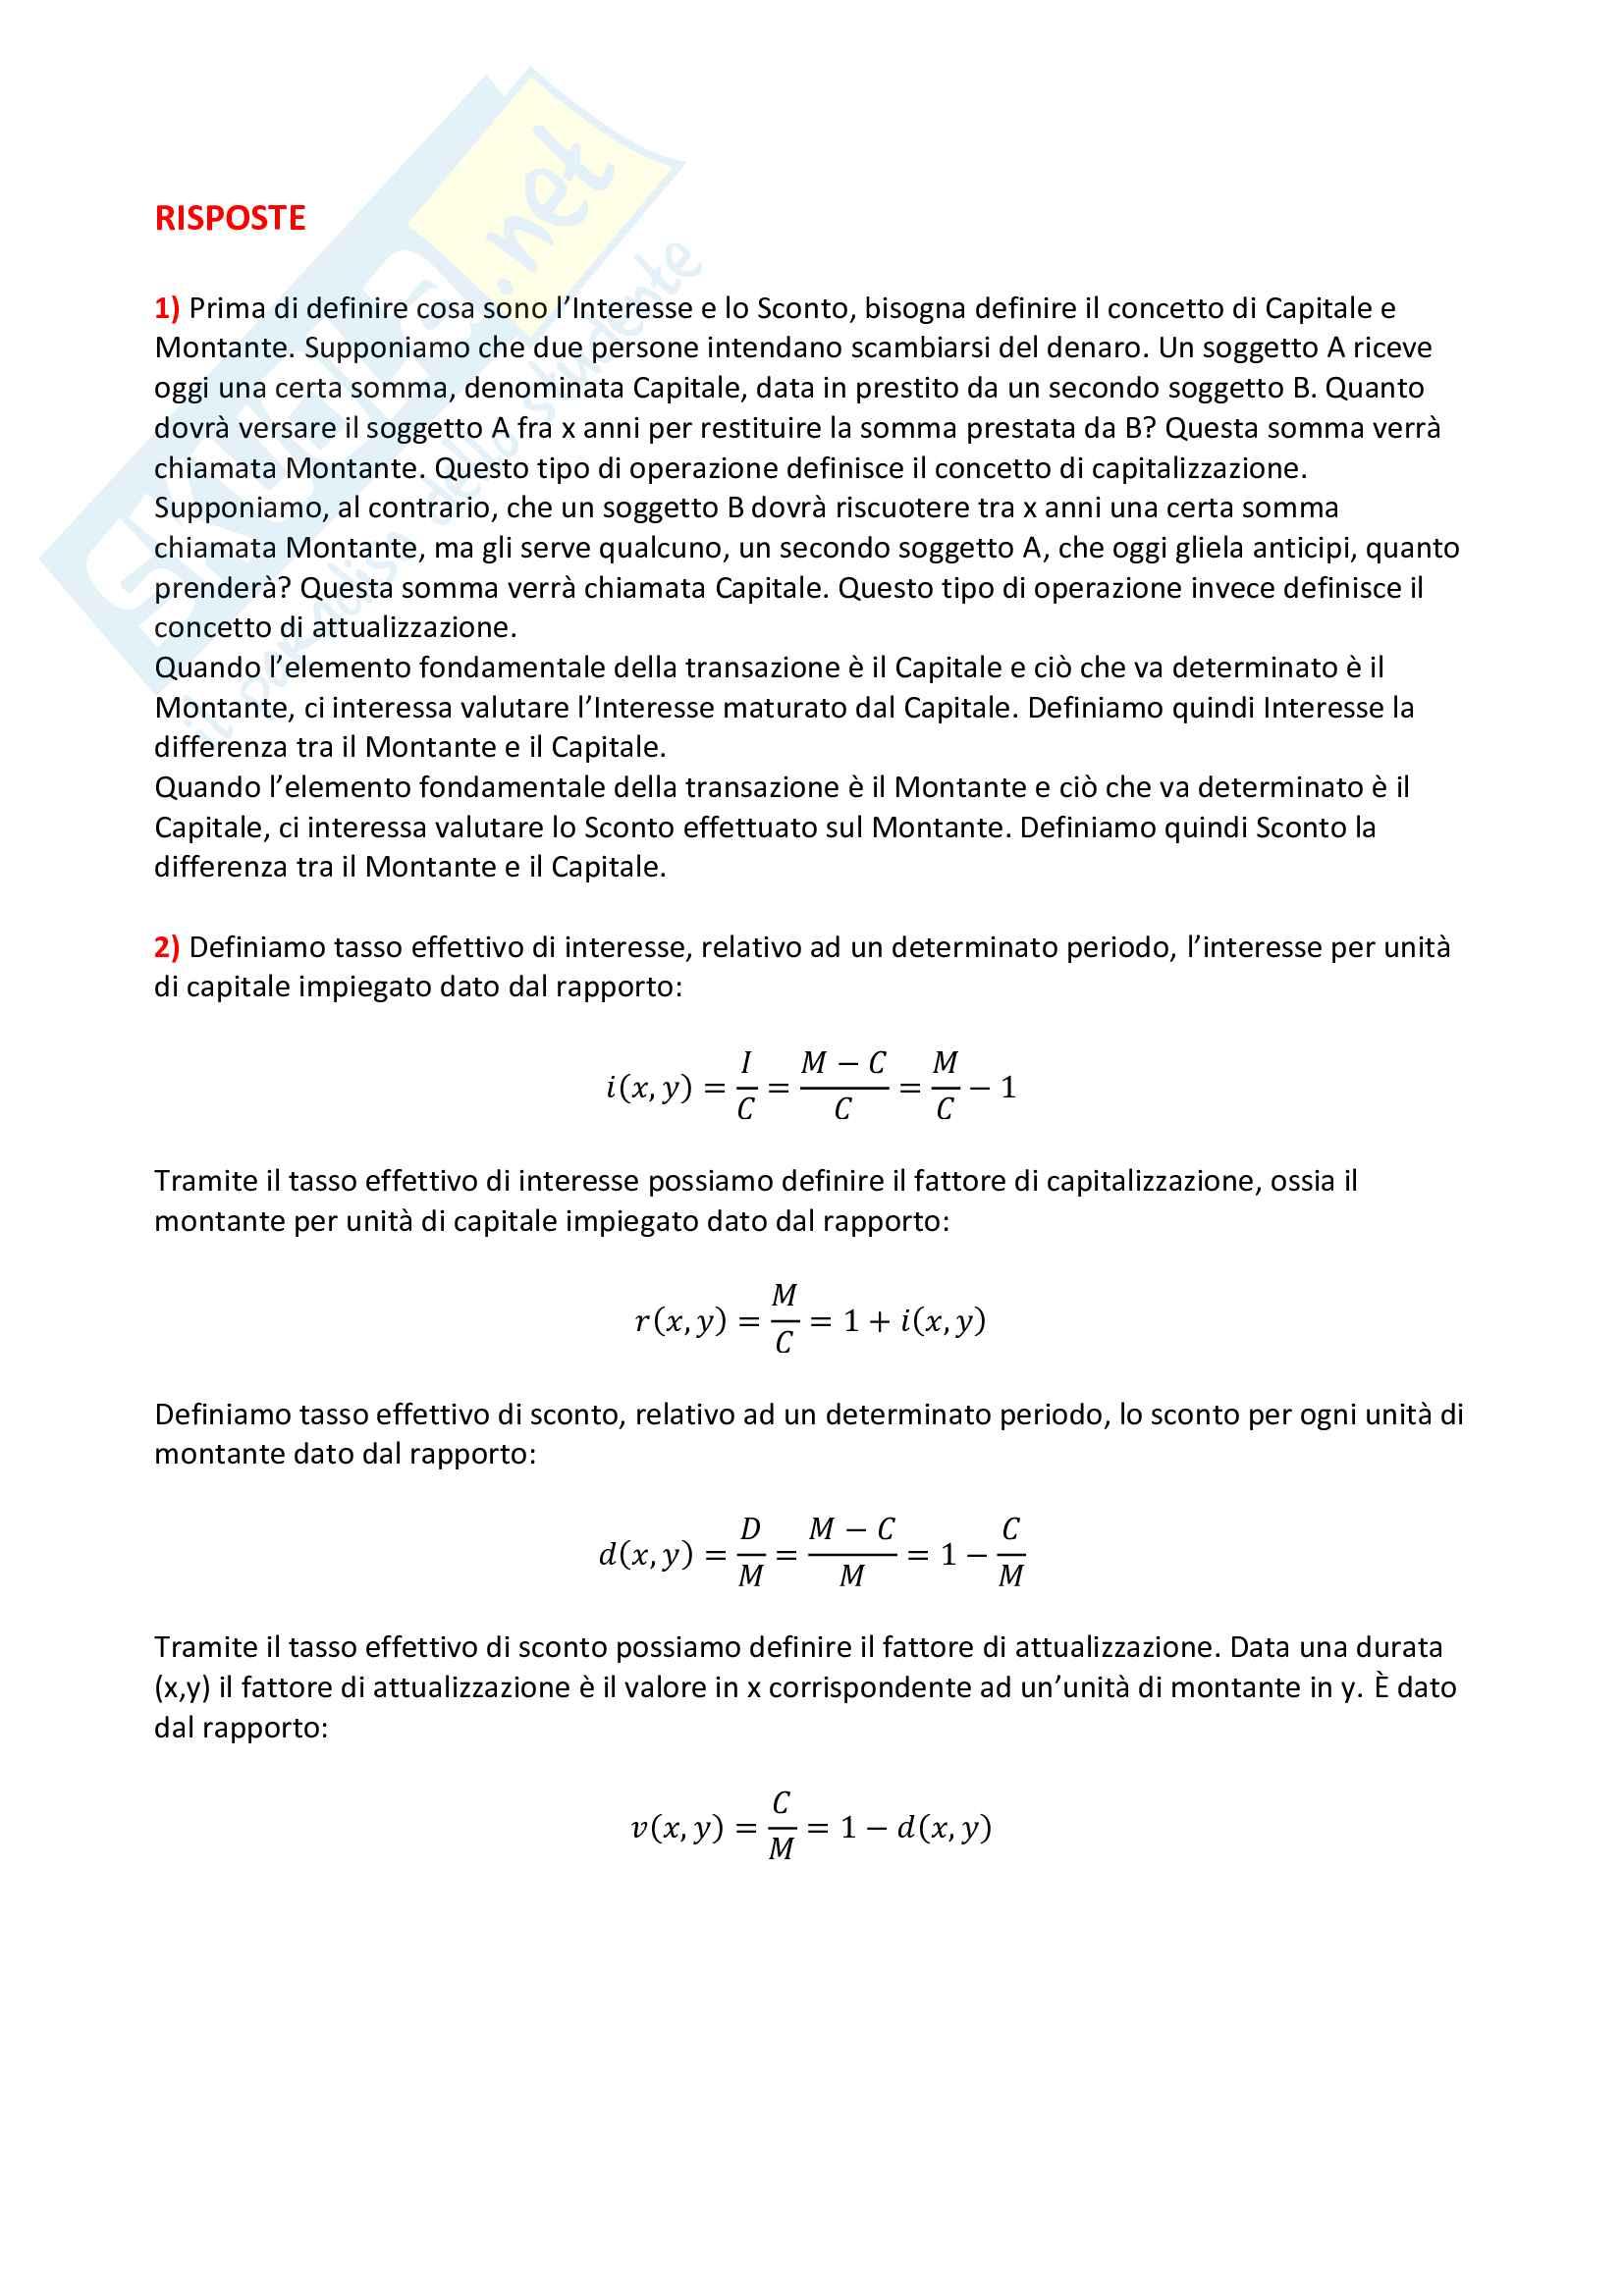 Domande e risposte d'esame di Matematica Finanziaria